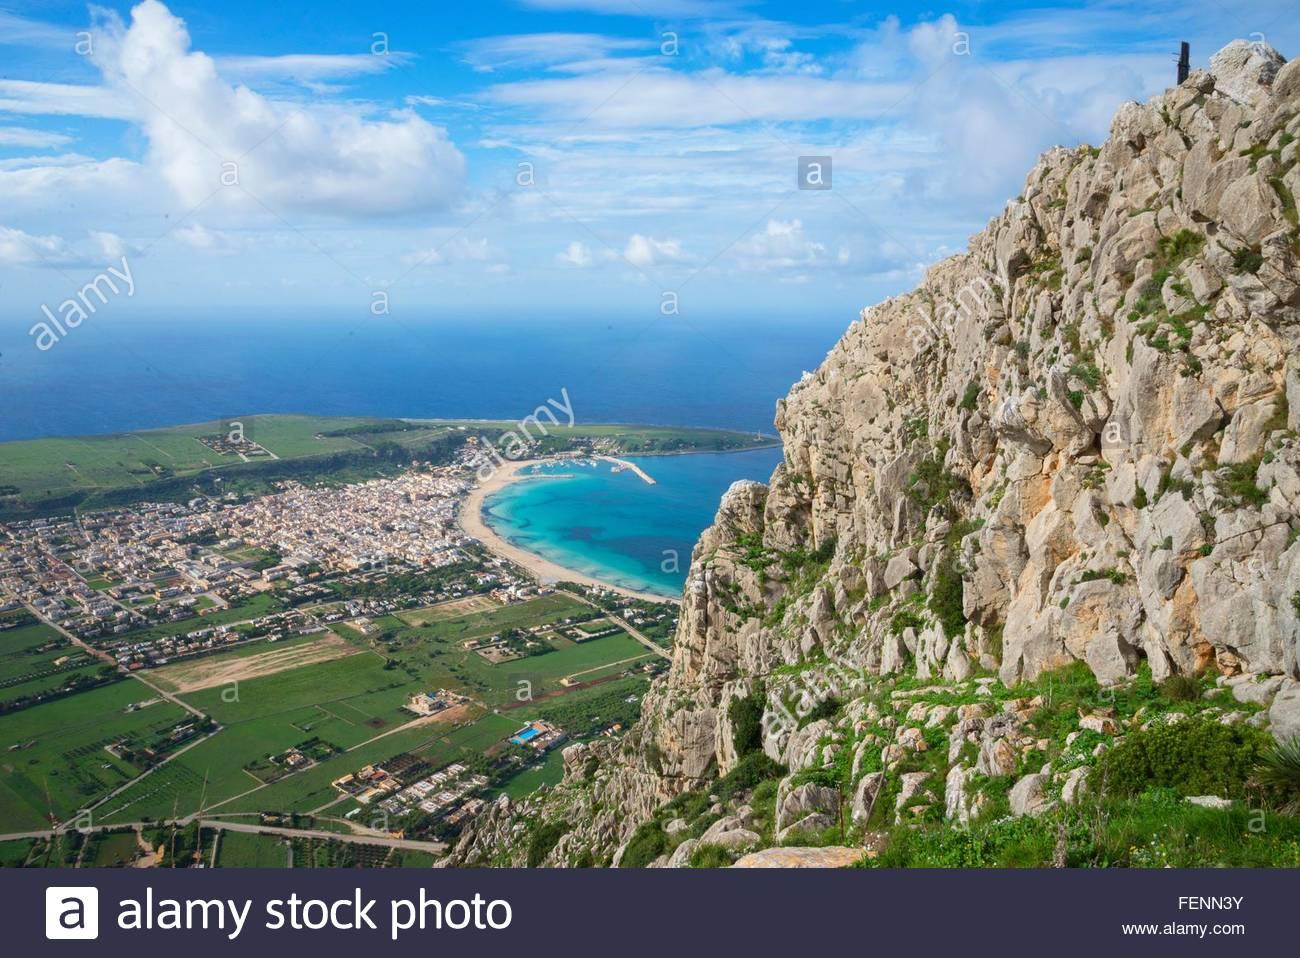 High angle view of Monte Monaco and San Vito Lo Capo, Sicily, Italy - Stock Image